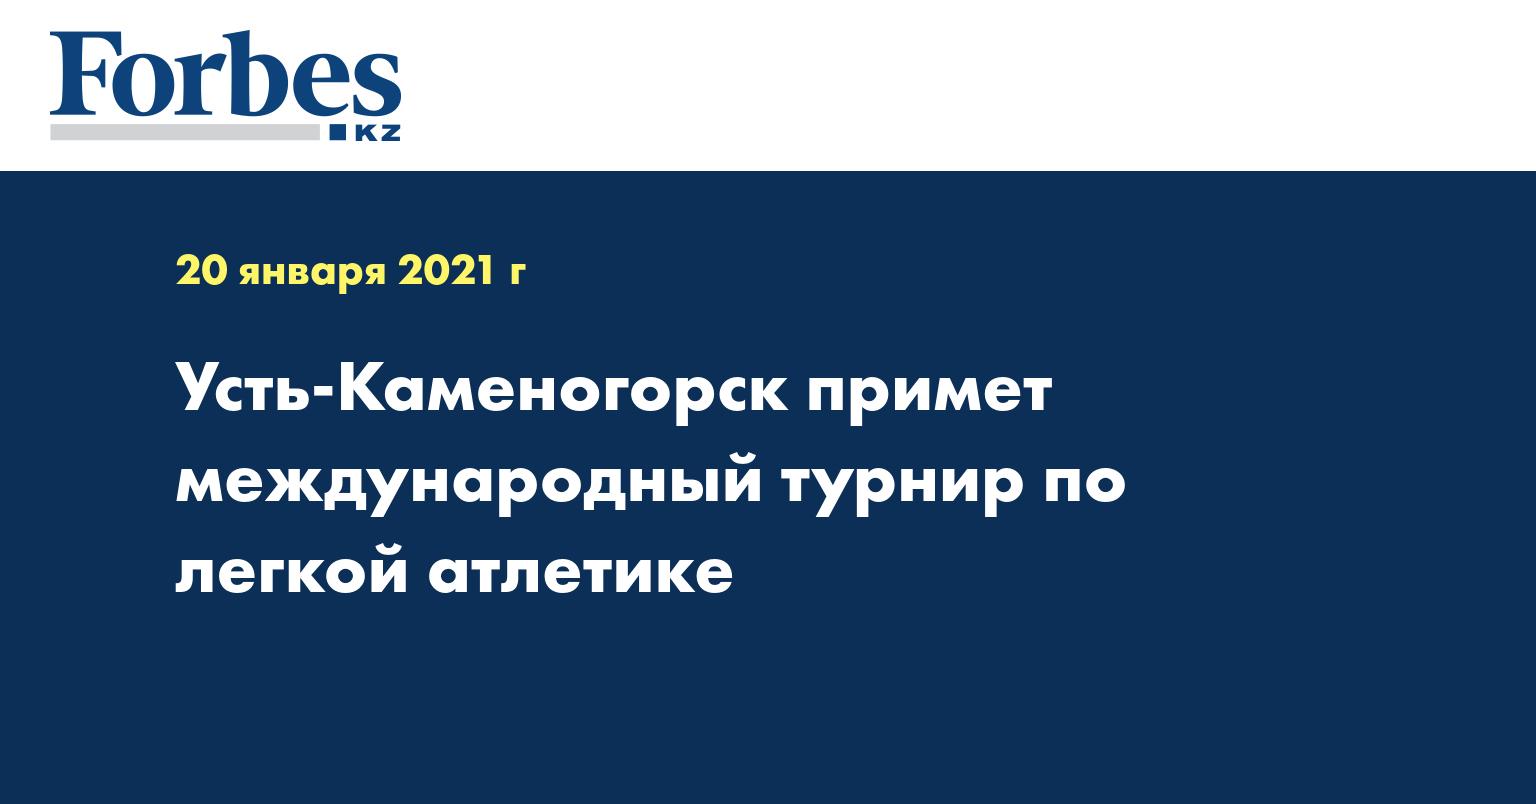 Усть-Каменогорск примет международный турнир по легкой атлетике